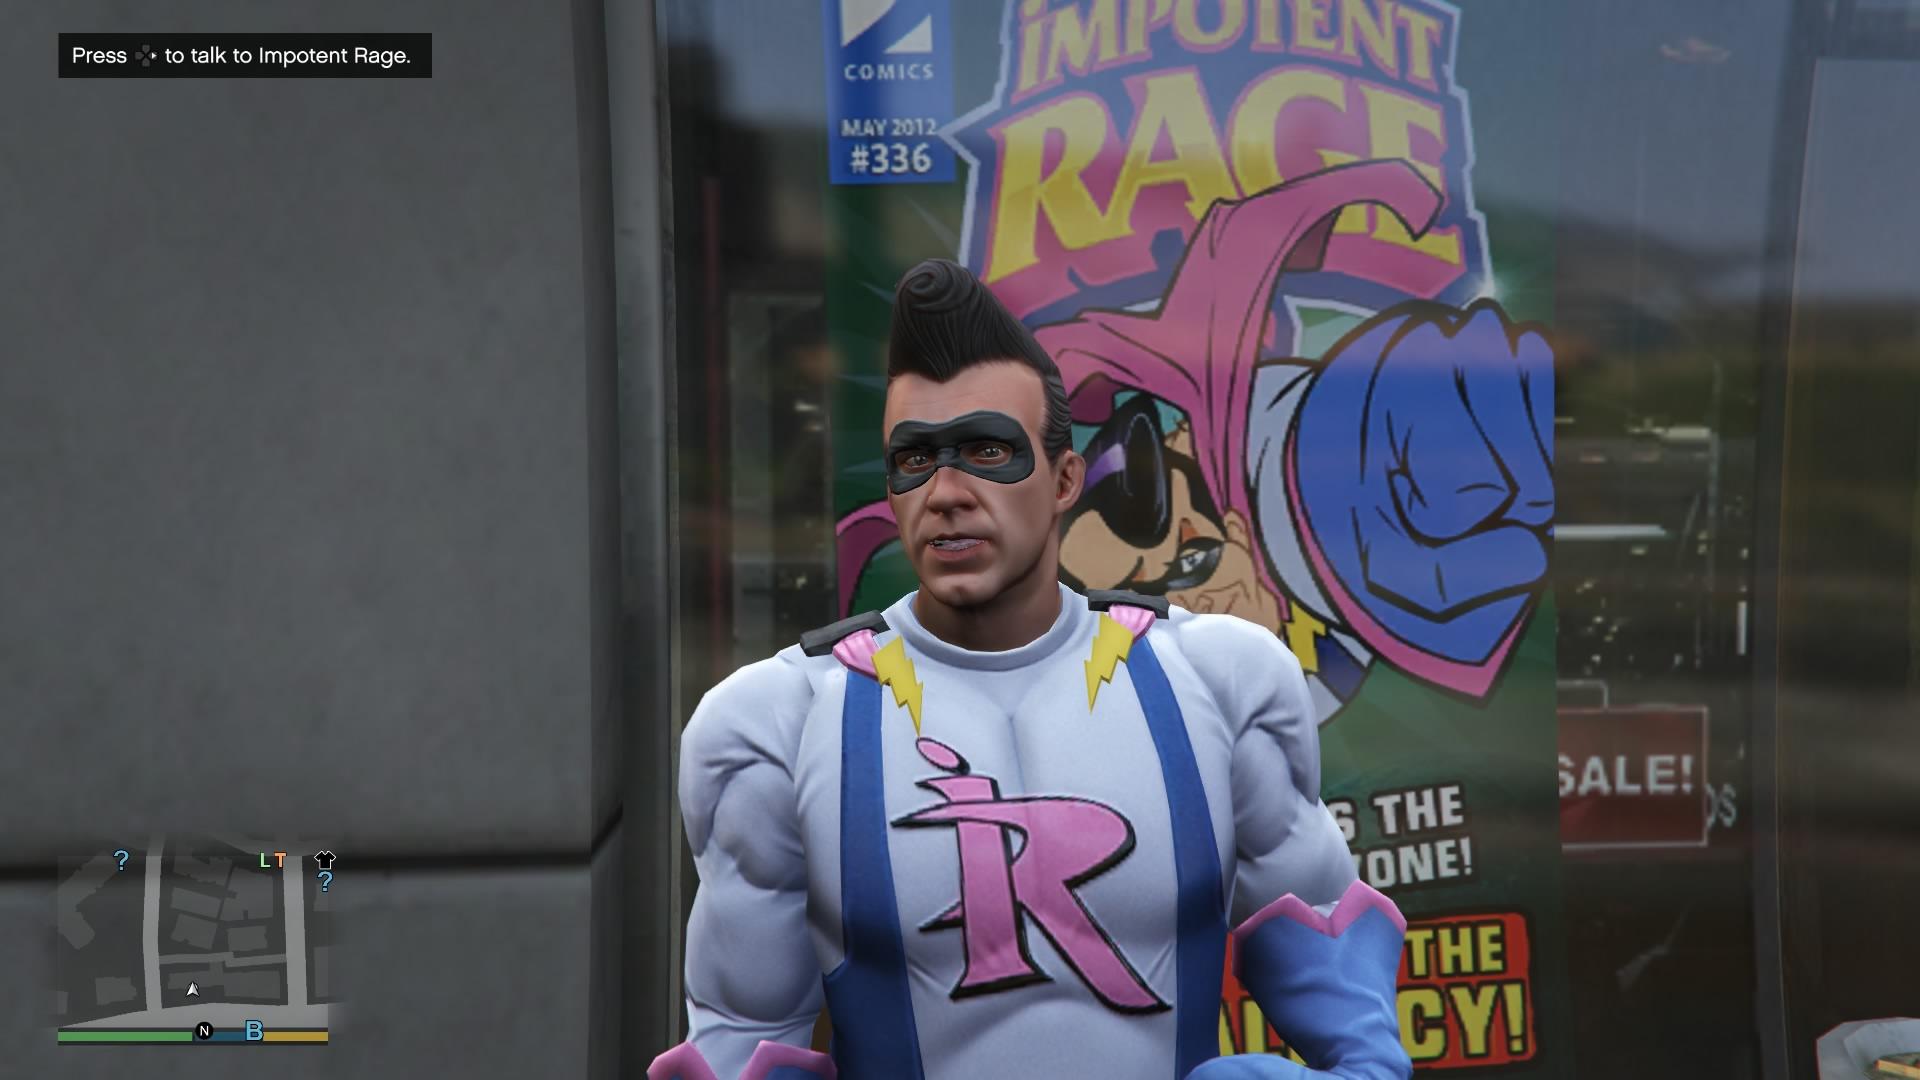 Impotent Rage cosplayer | GTA Wiki | FANDOM powered by Wikia